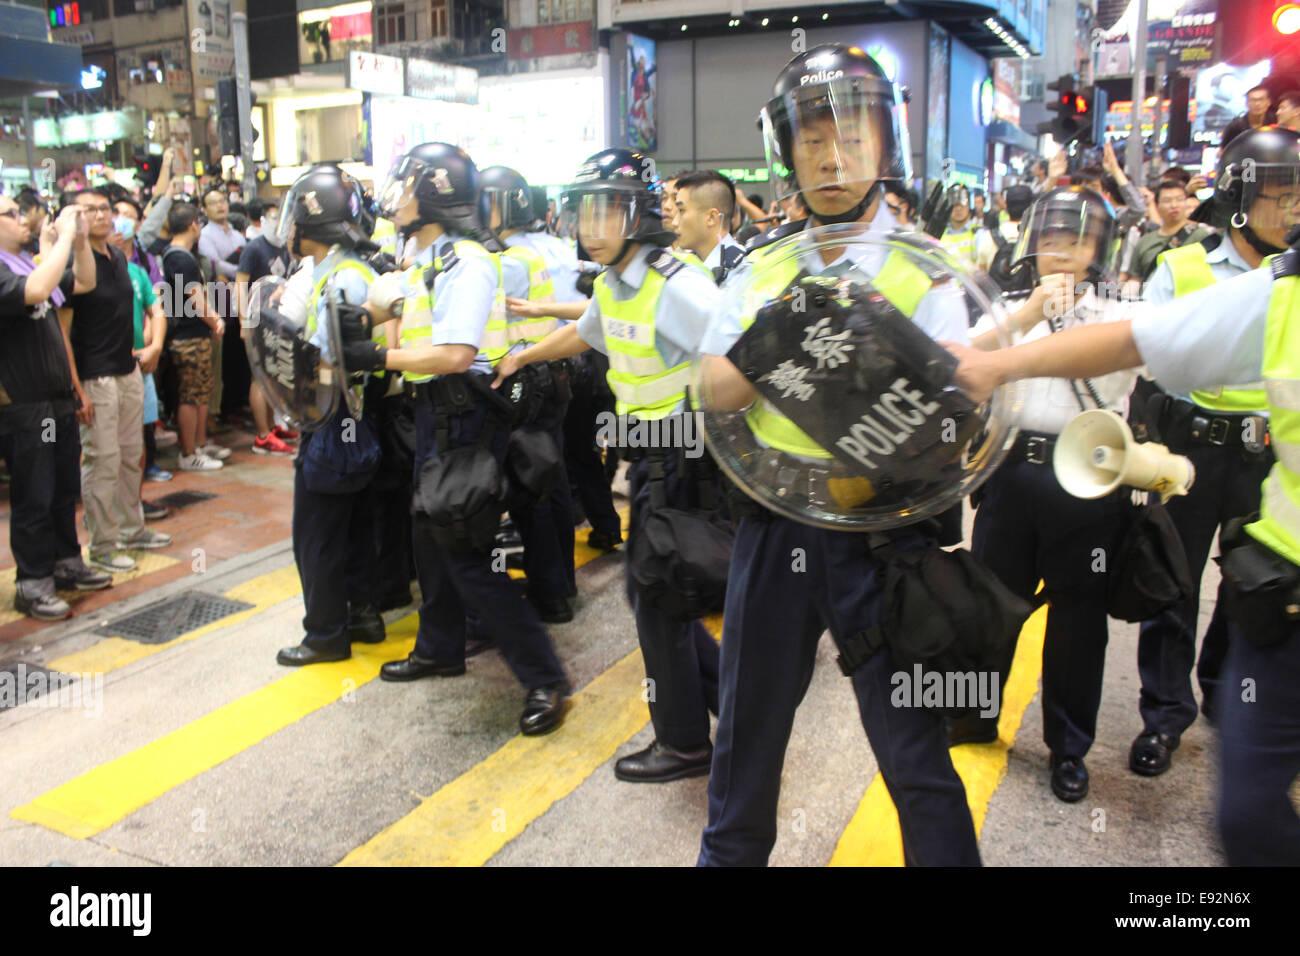 Hong Kong. 17th October, 2014. Hong Kong Protests: Hong Kong riot police regroup in Mongkok, Hong Kong during pro Stock Photo